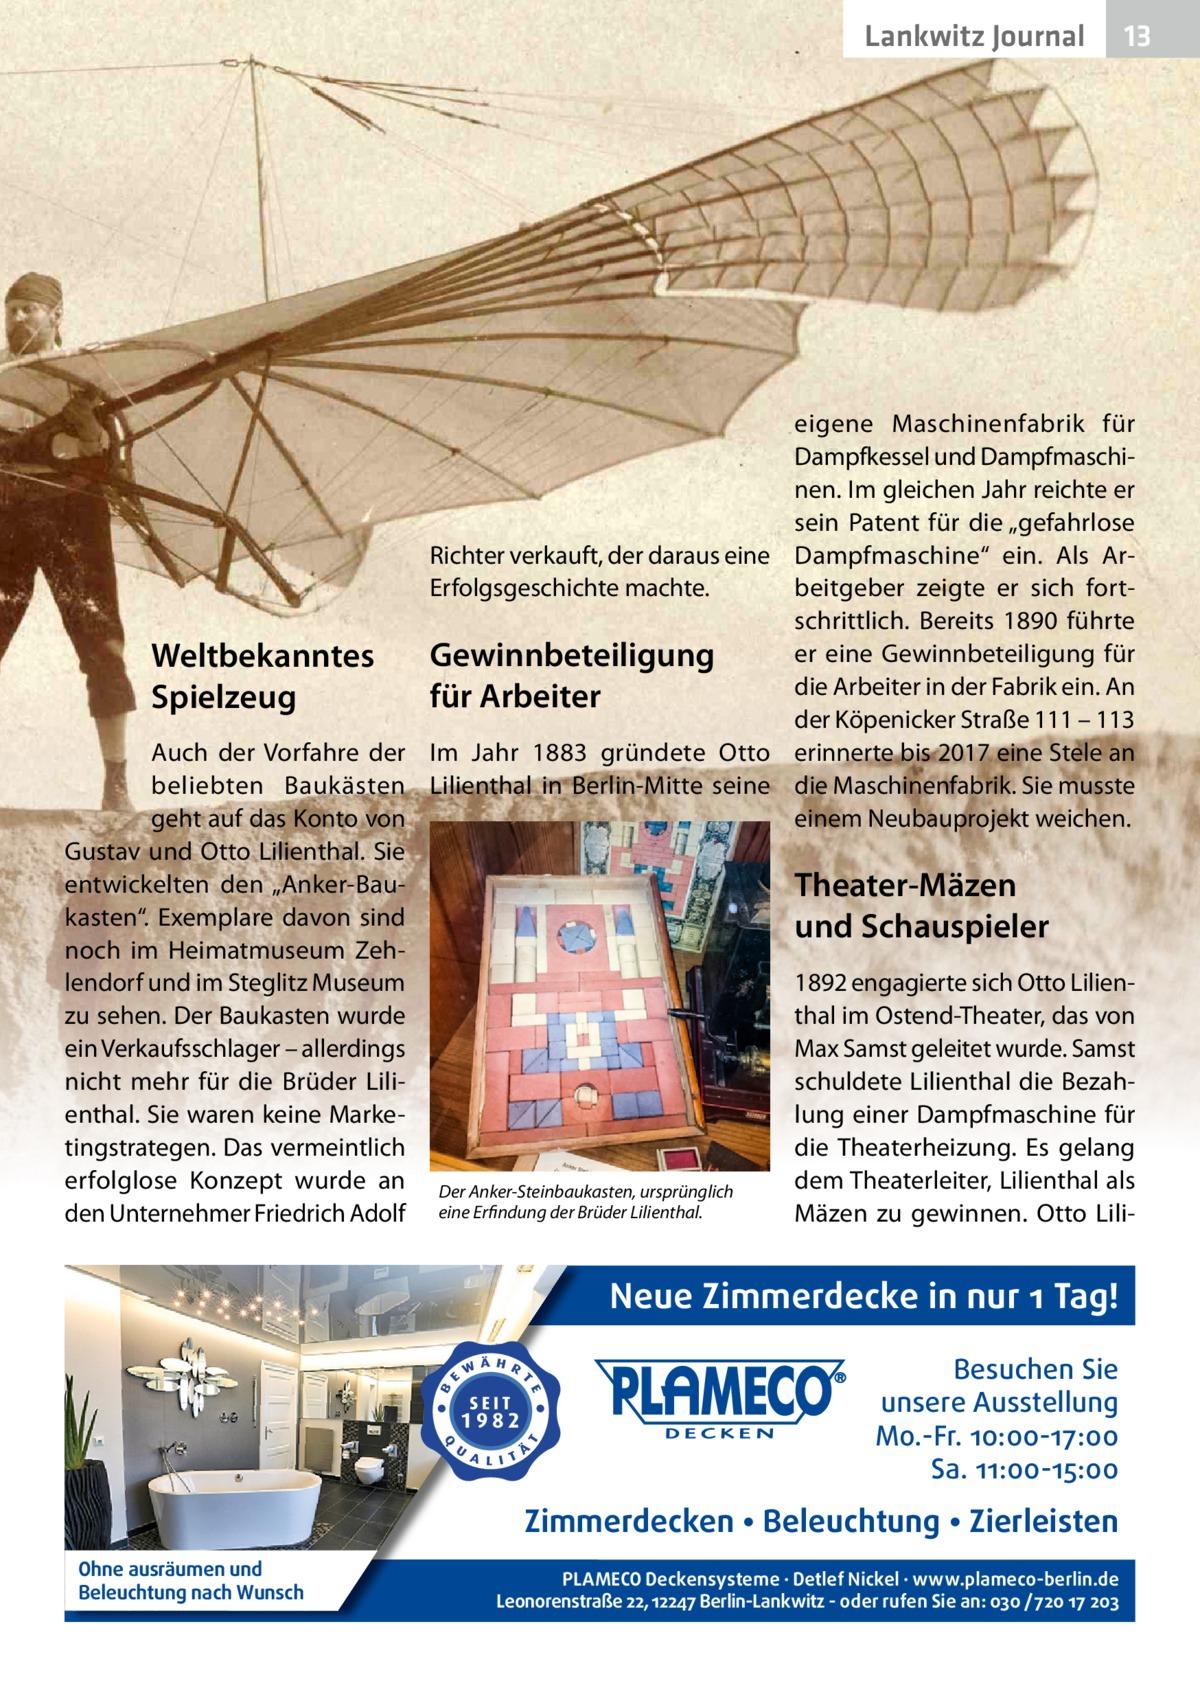 """Lankwitz Gesundheit Journal  13 13  eigene Maschinenfabrik für Dampfkessel und Dampfmaschinen. Im gleichen Jahr reichte er sein Patent für die """"gefahrlose Richter verkauft, der daraus eine Dampfmaschine"""" ein. Als ArErfolgsgeschichte machte. beitgeber zeigte er sich fortschrittlich. Bereits 1890 führte er eine Gewinnbeteiligung für Gewinnbeteiligung Weltbekanntes die Arbeiter in der Fabrik ein. An für Arbeiter Spielzeug der Köpenicker Straße111 – 113 Auch der Vorfahre der Im Jahr 1883 gründete Otto erinnerte bis 2017 eine Stele an beliebten Baukästen Lilienthal in Berlin-Mitte seine die Maschinenfabrik. Sie musste geht auf das Konto von einem Neubauprojekt weichen. Gustav und Otto Lilienthal. Sie entwickelten den """"Anker-BauTheater-Mäzen kasten"""". Exemplare davon sind und Schauspieler noch im Heimatmuseum Zehlendorf und im Steglitz Museum 1892 engagierte sich Otto Lilienthal im Ostend-Theater, das von zu sehen. Der Baukasten wurde ein Verkaufsschlager – allerdings Max Samst geleitet wurde. Samst nicht mehr für die Brüder Lilischuldete Lilienthal die Bezahenthal. Sie waren keine Markelung einer Dampfmaschine für tingstrategen. Das vermeintlich die Theaterheizung. Es gelang erfolglose Konzept wurde an Der Anker-Steinbaukasten, ursprünglich dem Theaterleiter, Lilienthal als den Unternehmer Friedrich Adolf eine Erfindung der Brüder Lilienthal. Mäzen zu gewinnen. Otto Lili Neue Zimmerdecke in nur 1 Tag! Besuchen Sie unsere Ausstellung Mo.-Fr. 10:00-17:00 Sa. 11:00-15:00  Zimmerdecken • Beleuchtung • Zierleisten Ohne ausräumen und Beleuchtung nach Wunsch  PLAMECO Deckensysteme ∙ Detlef Nickel ∙ www.plameco-berlin.de Leonorenstraße 22, 12247 Berlin-Lankwitz - oder rufen Sie an: 030 /720 17 203"""